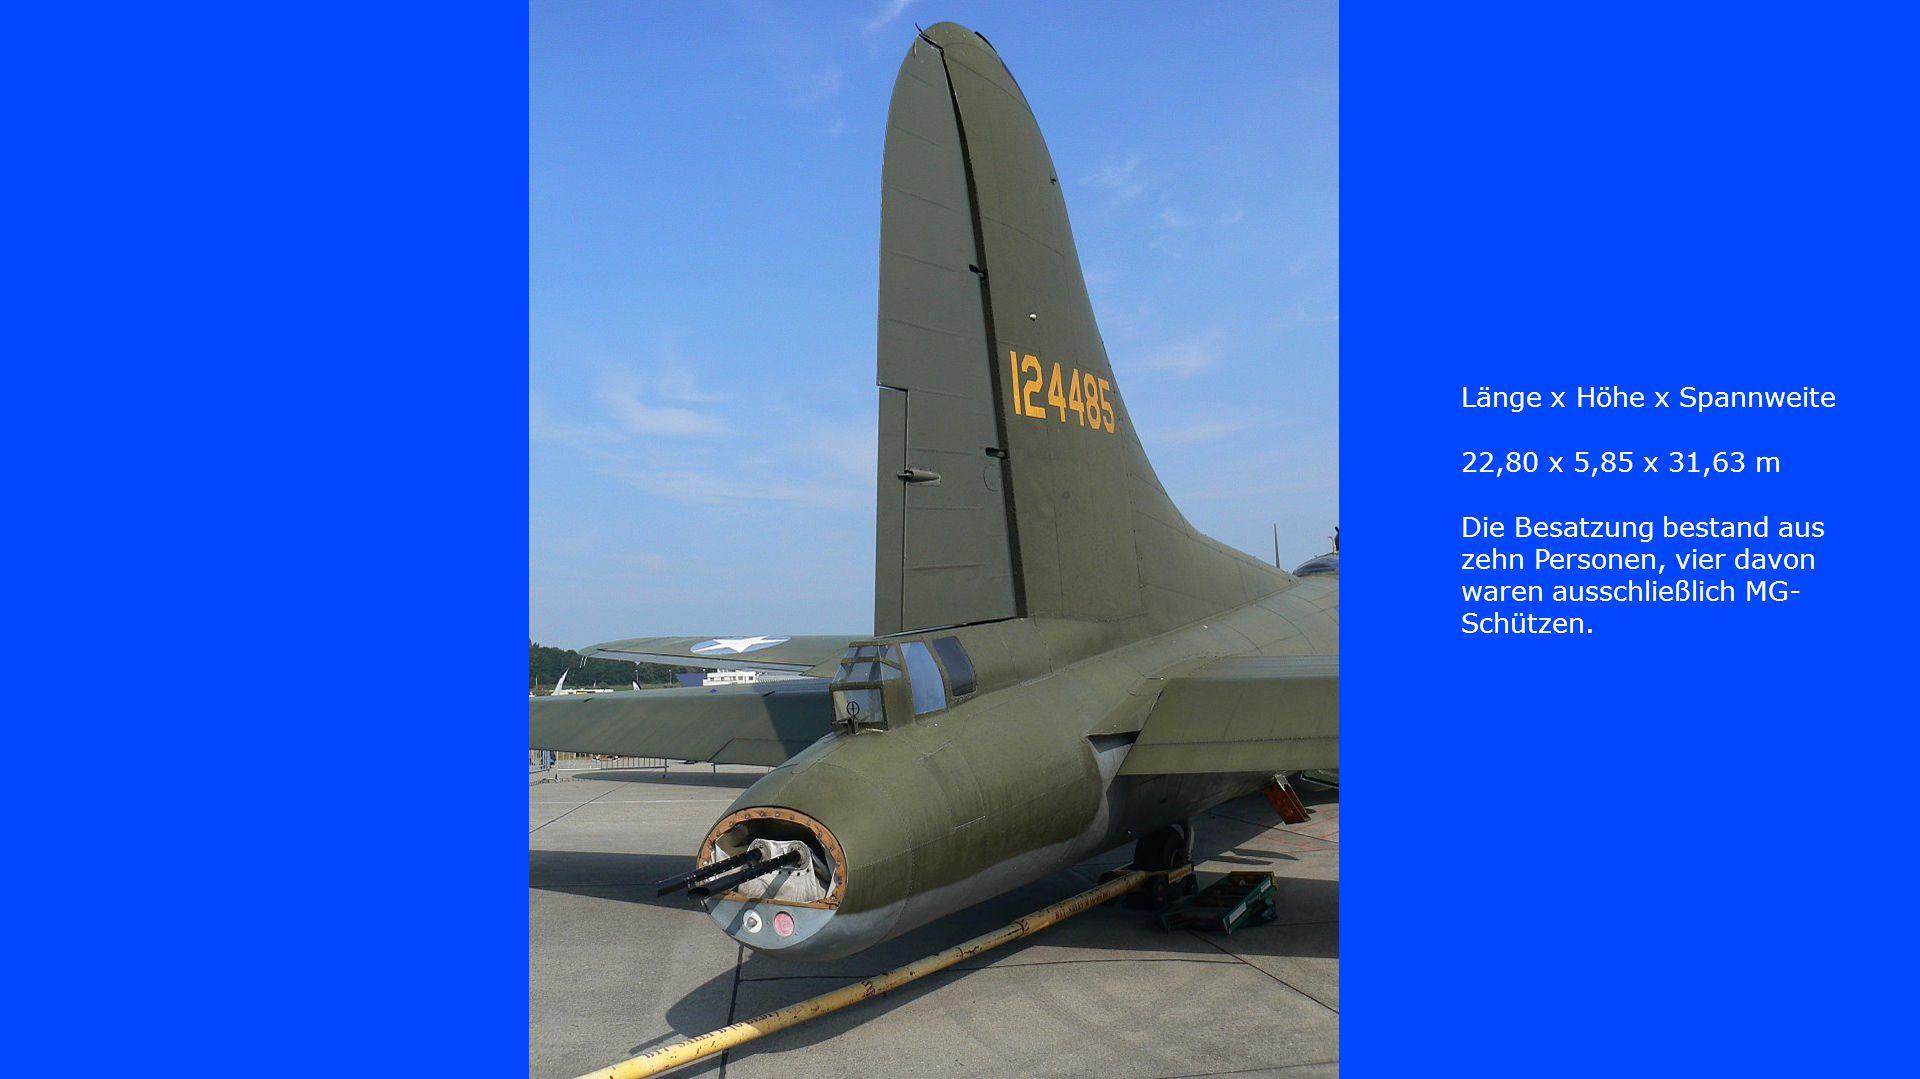 Memphis Belle ist der Spitz- name einer berühmten Boeing B-17 Flying Fortress, die von den USA im Zweiten Weltkrieg über Europa eingesetzt wurde.